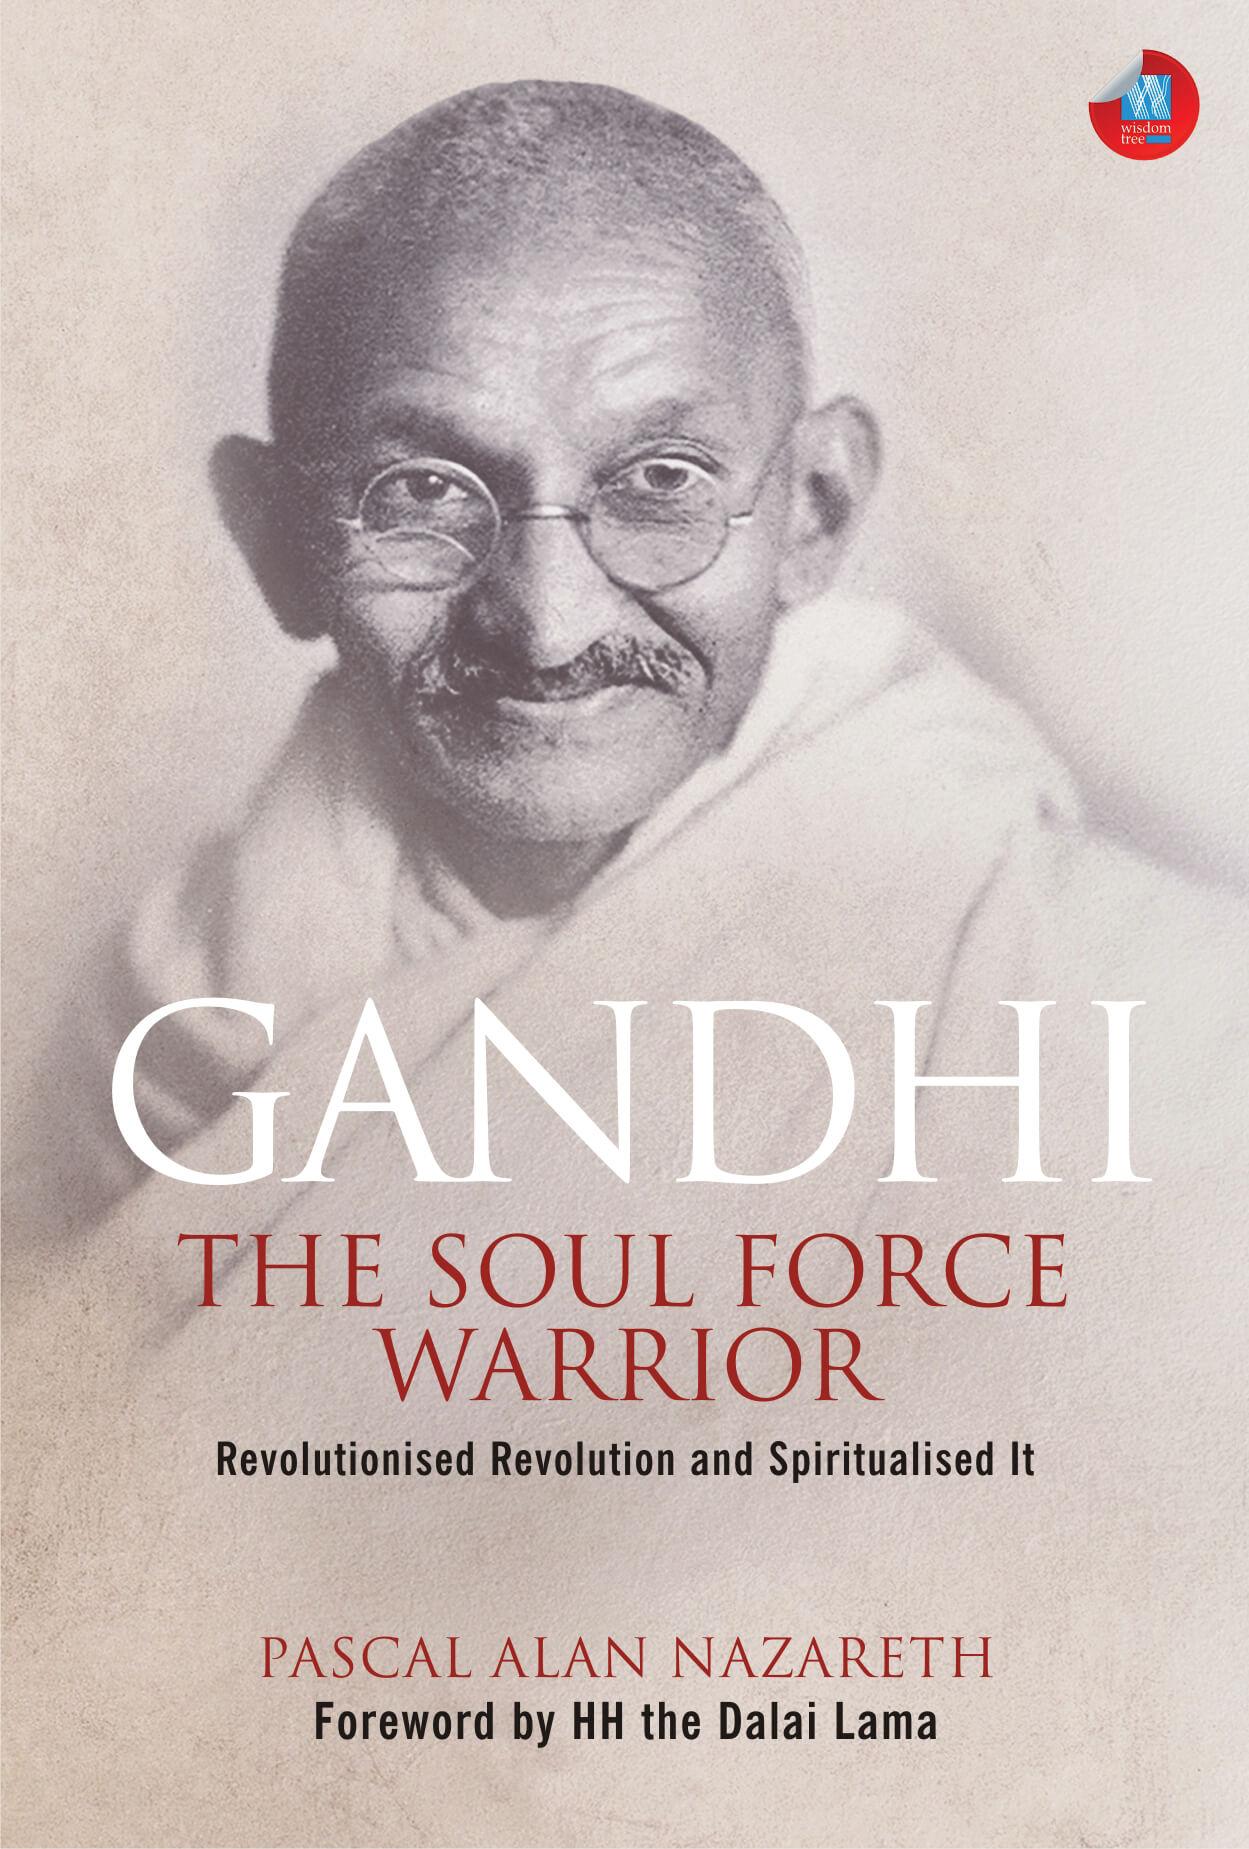 Gandhi: The Soul Force Warrior